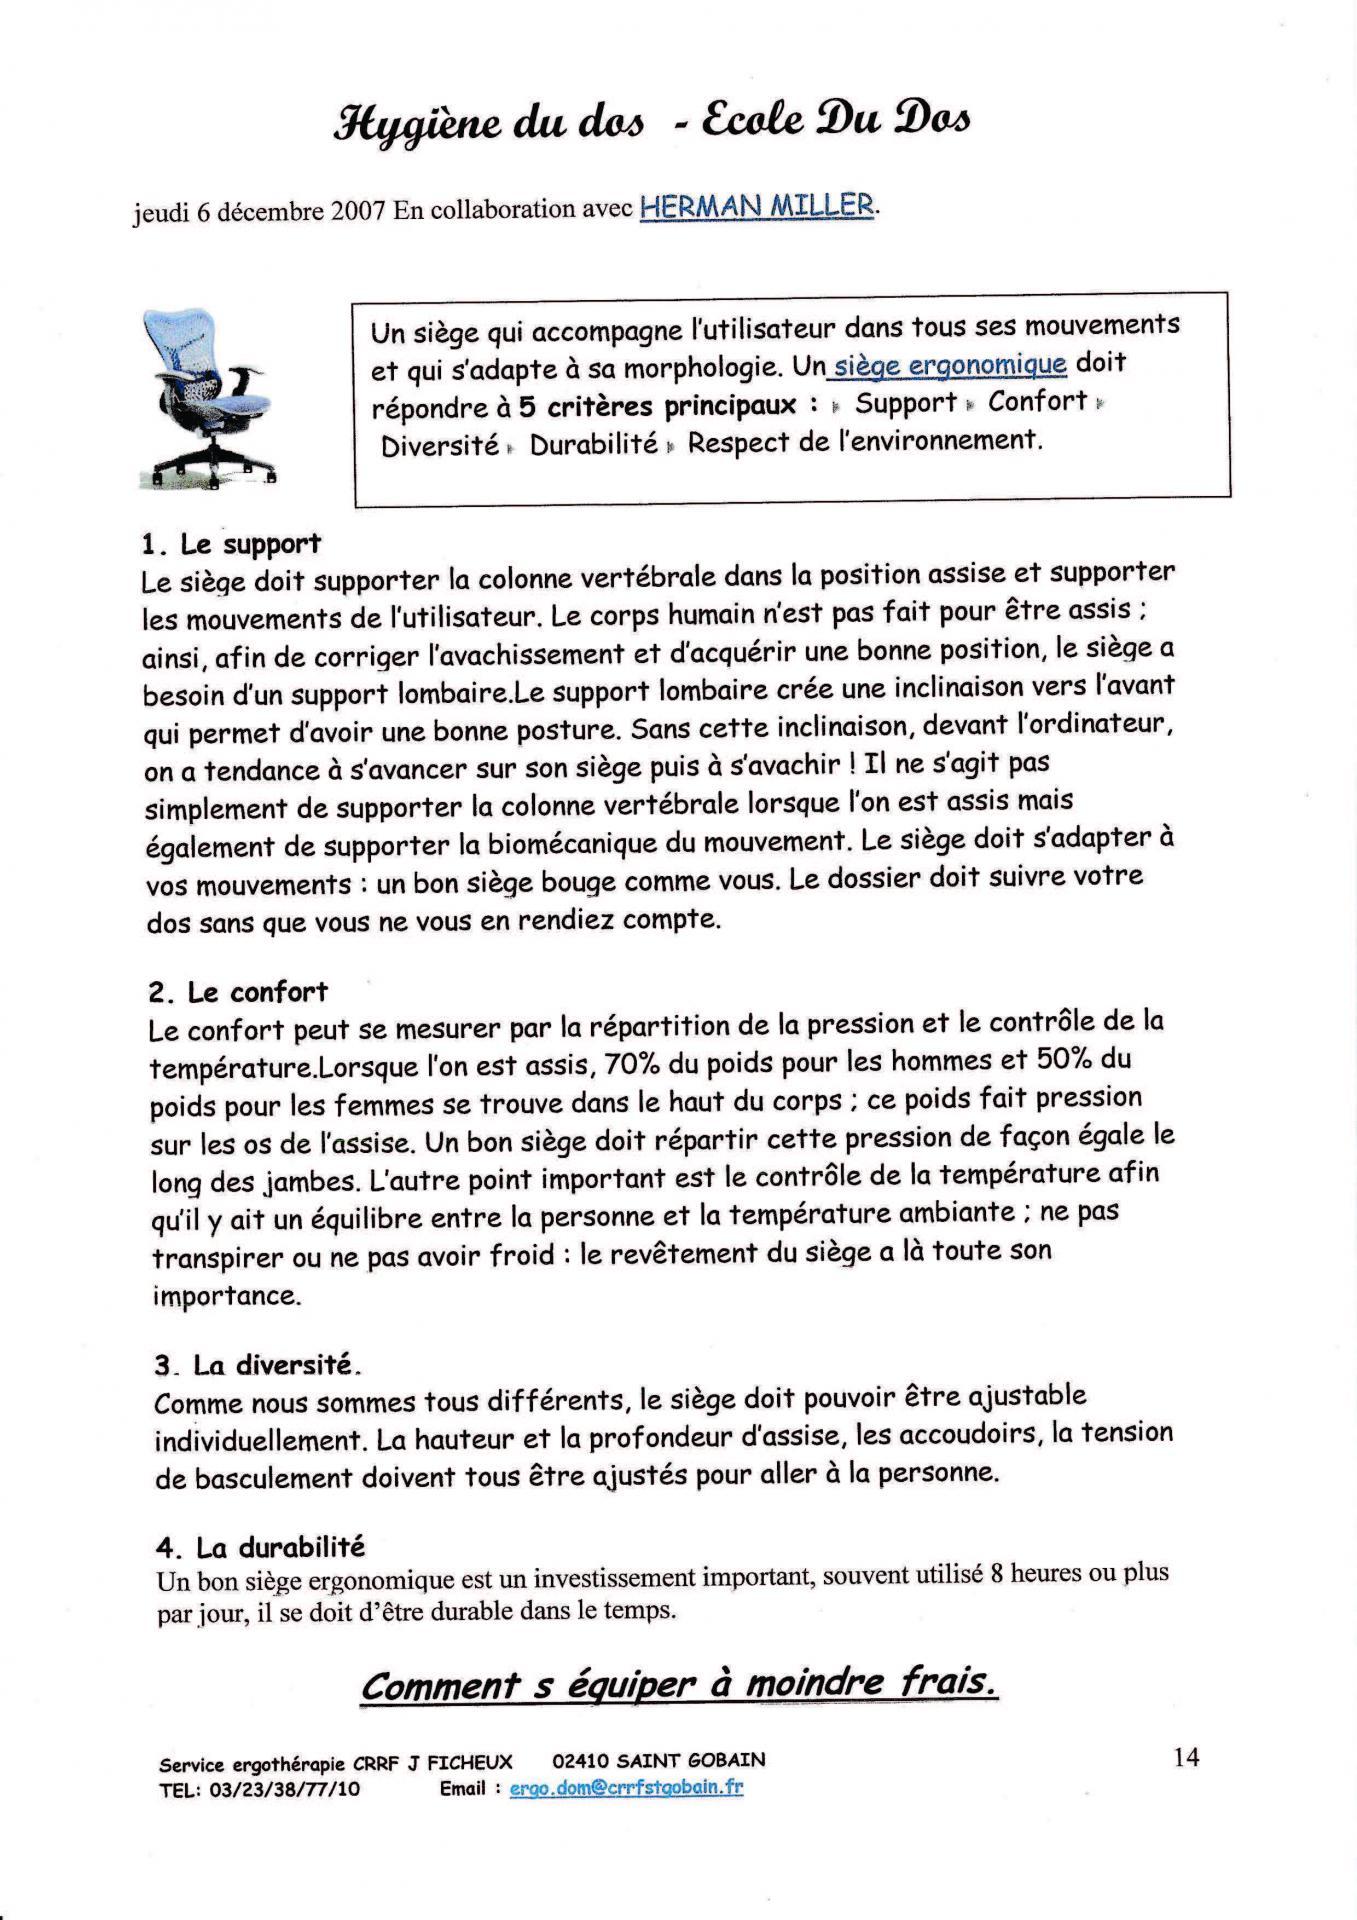 Ecole du dos pdfbis page 14